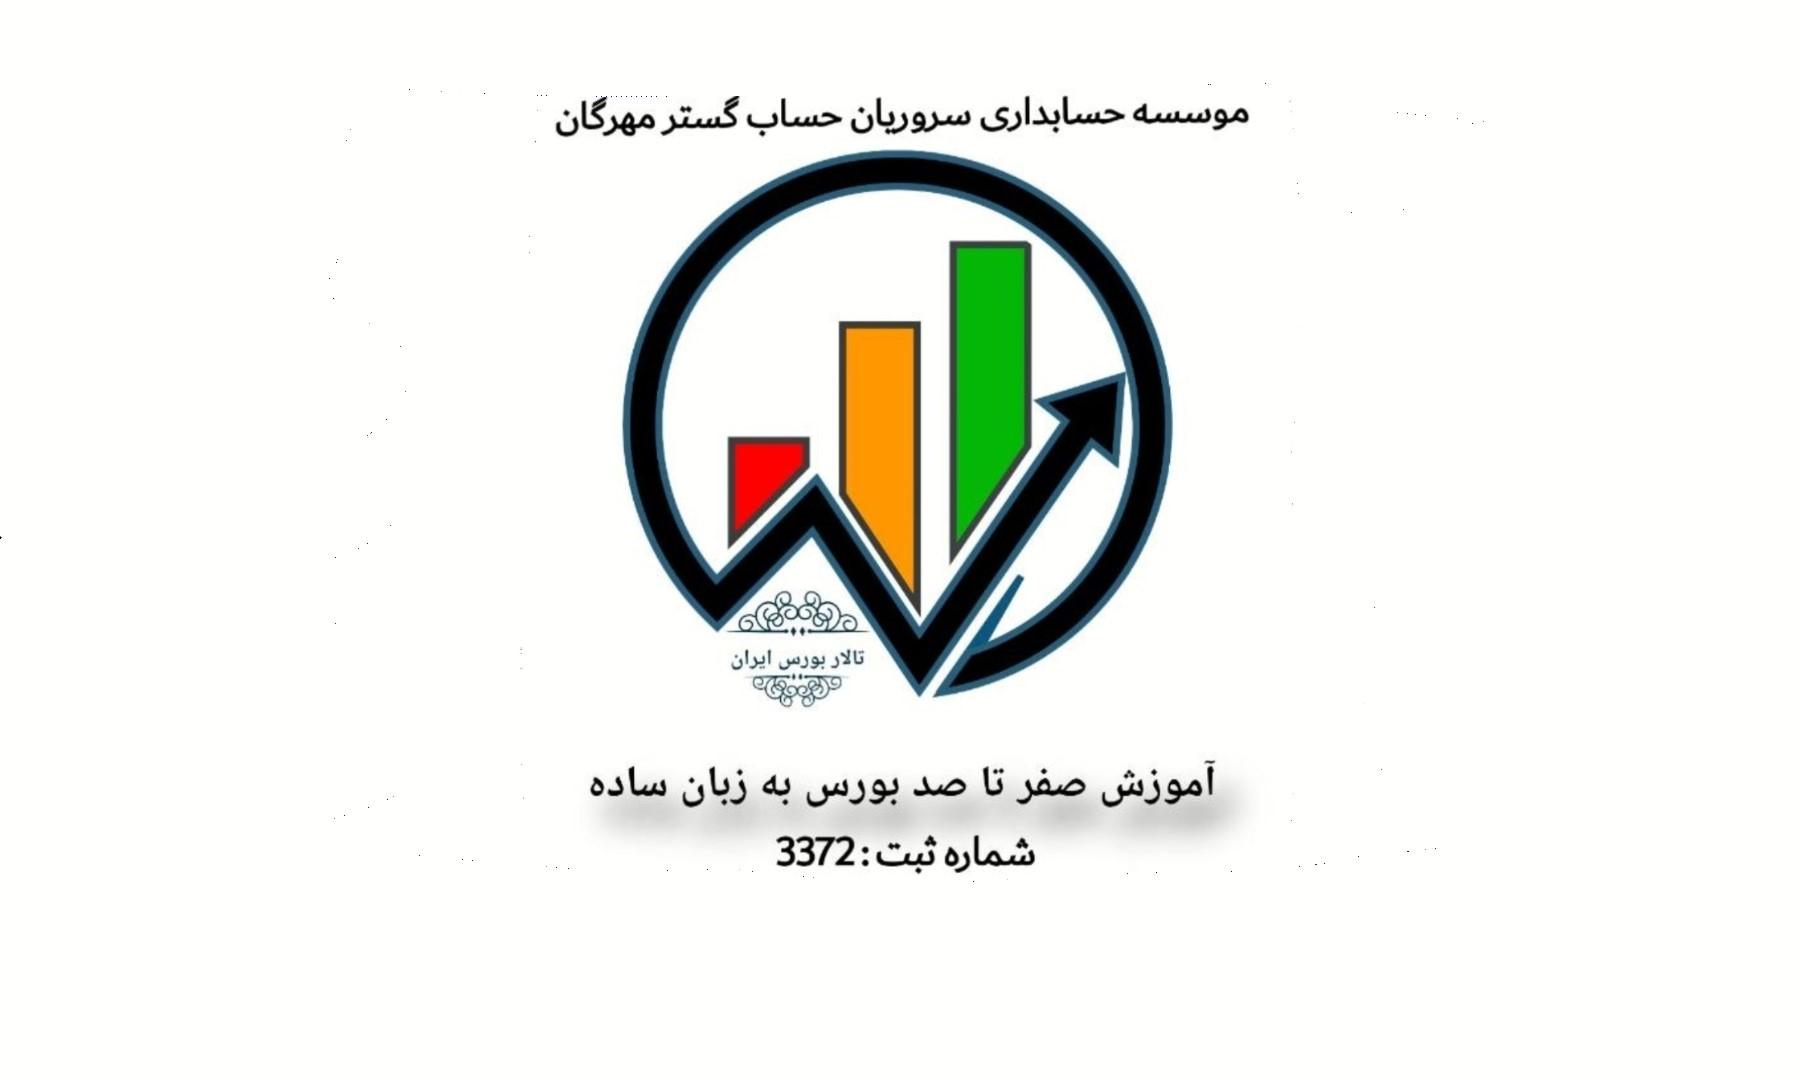 تالار بورس ایران